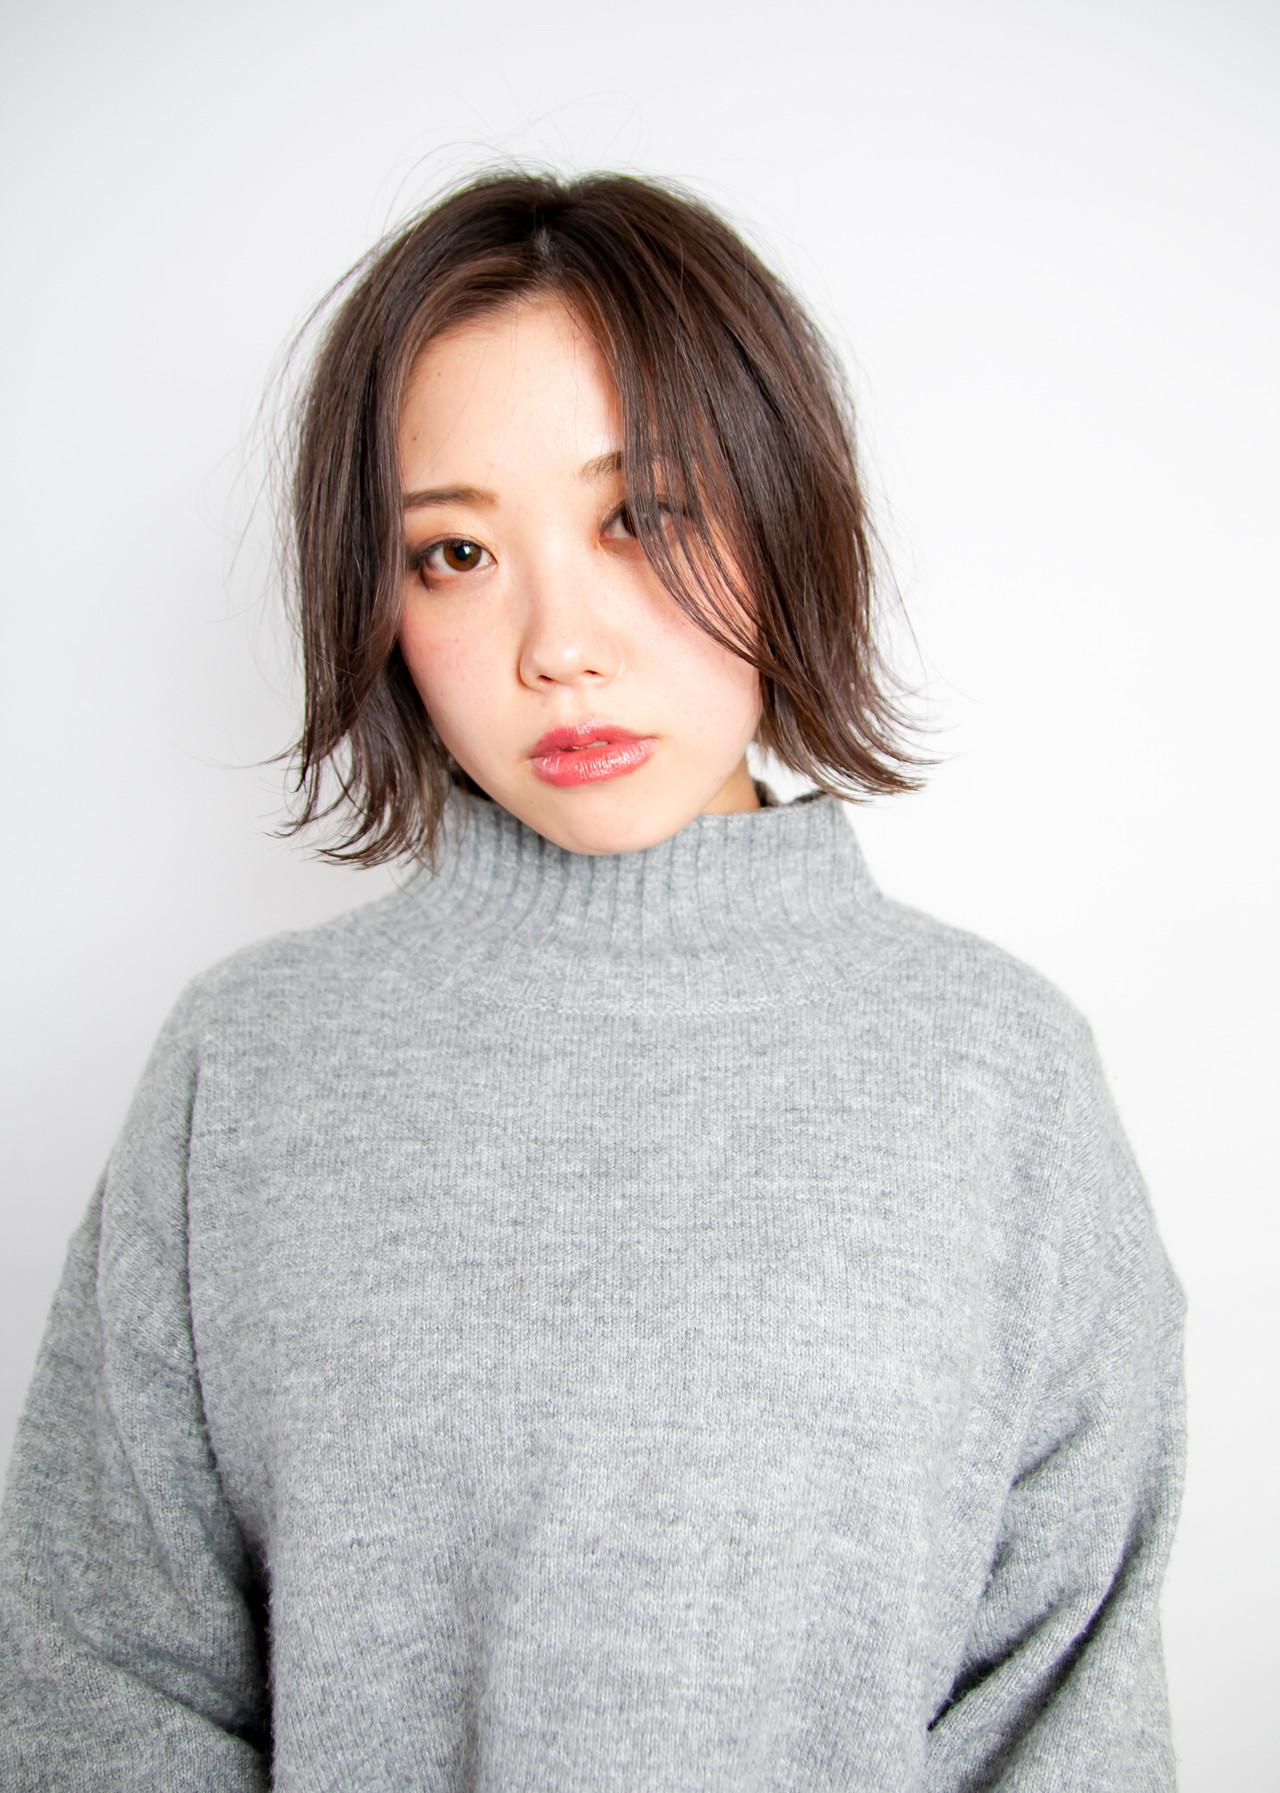 ショートボブ ボブ ナチュラル インナーカラー ヘアスタイルや髪型の写真・画像 | Well 中山 亮二 / Well Hair Make Studio